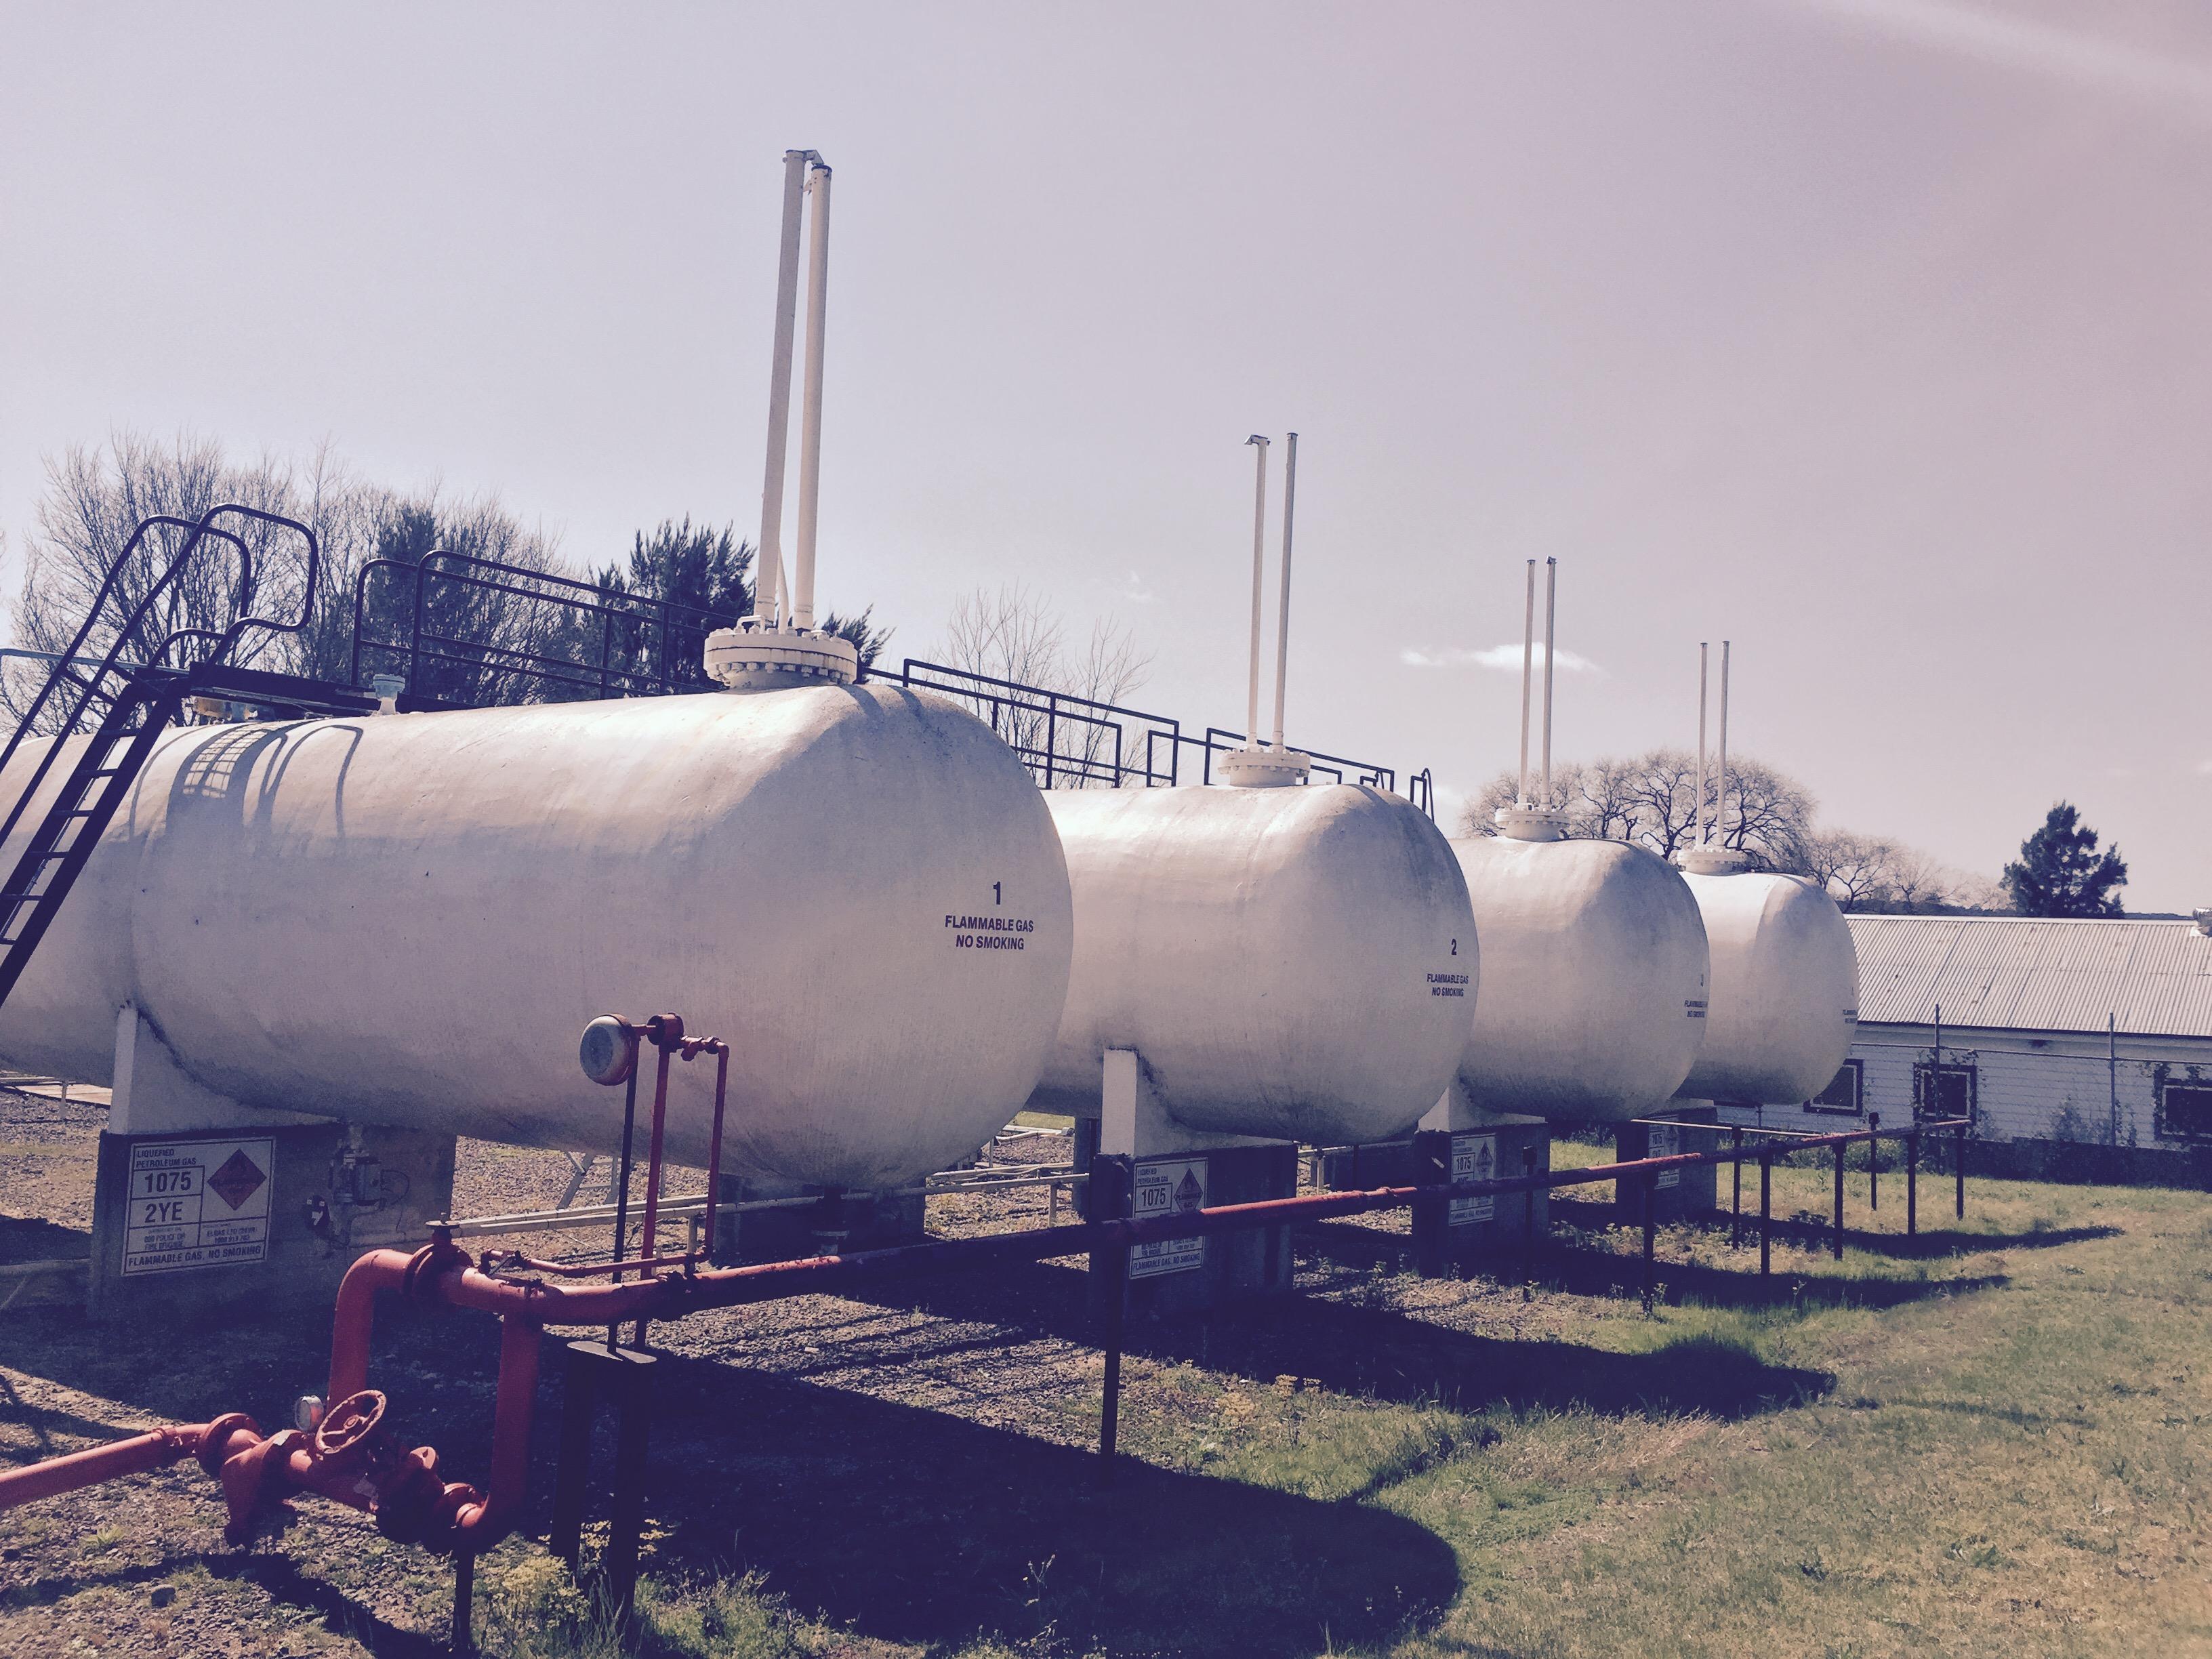 LPG Tank Farm